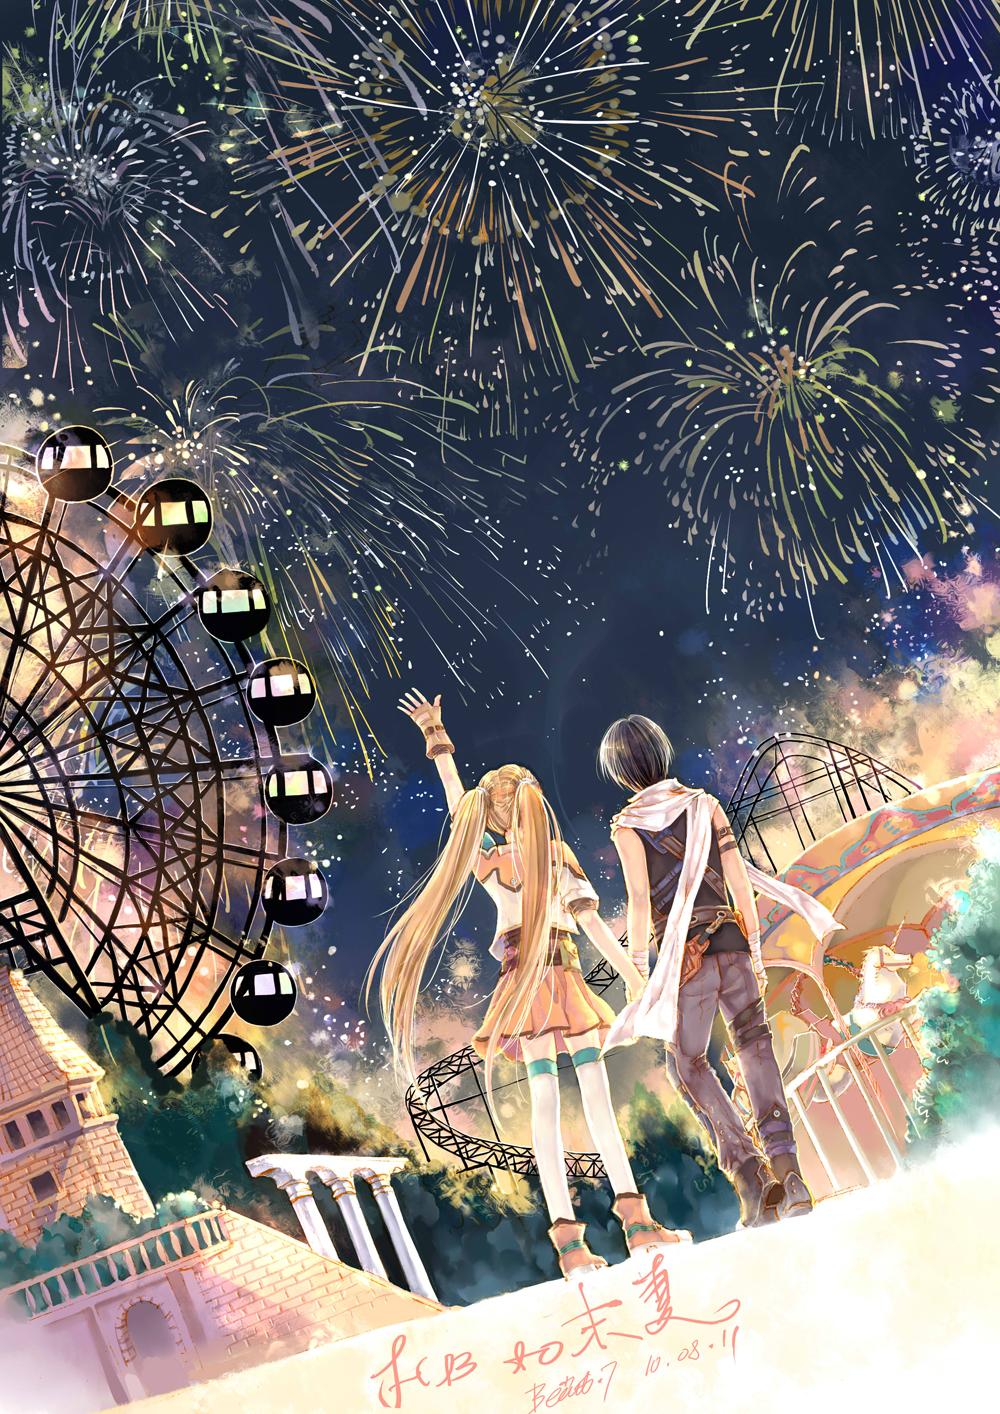 Eiyuu Densetsu Vi Sora No Kiseki The Legend Of Heroes Trails In